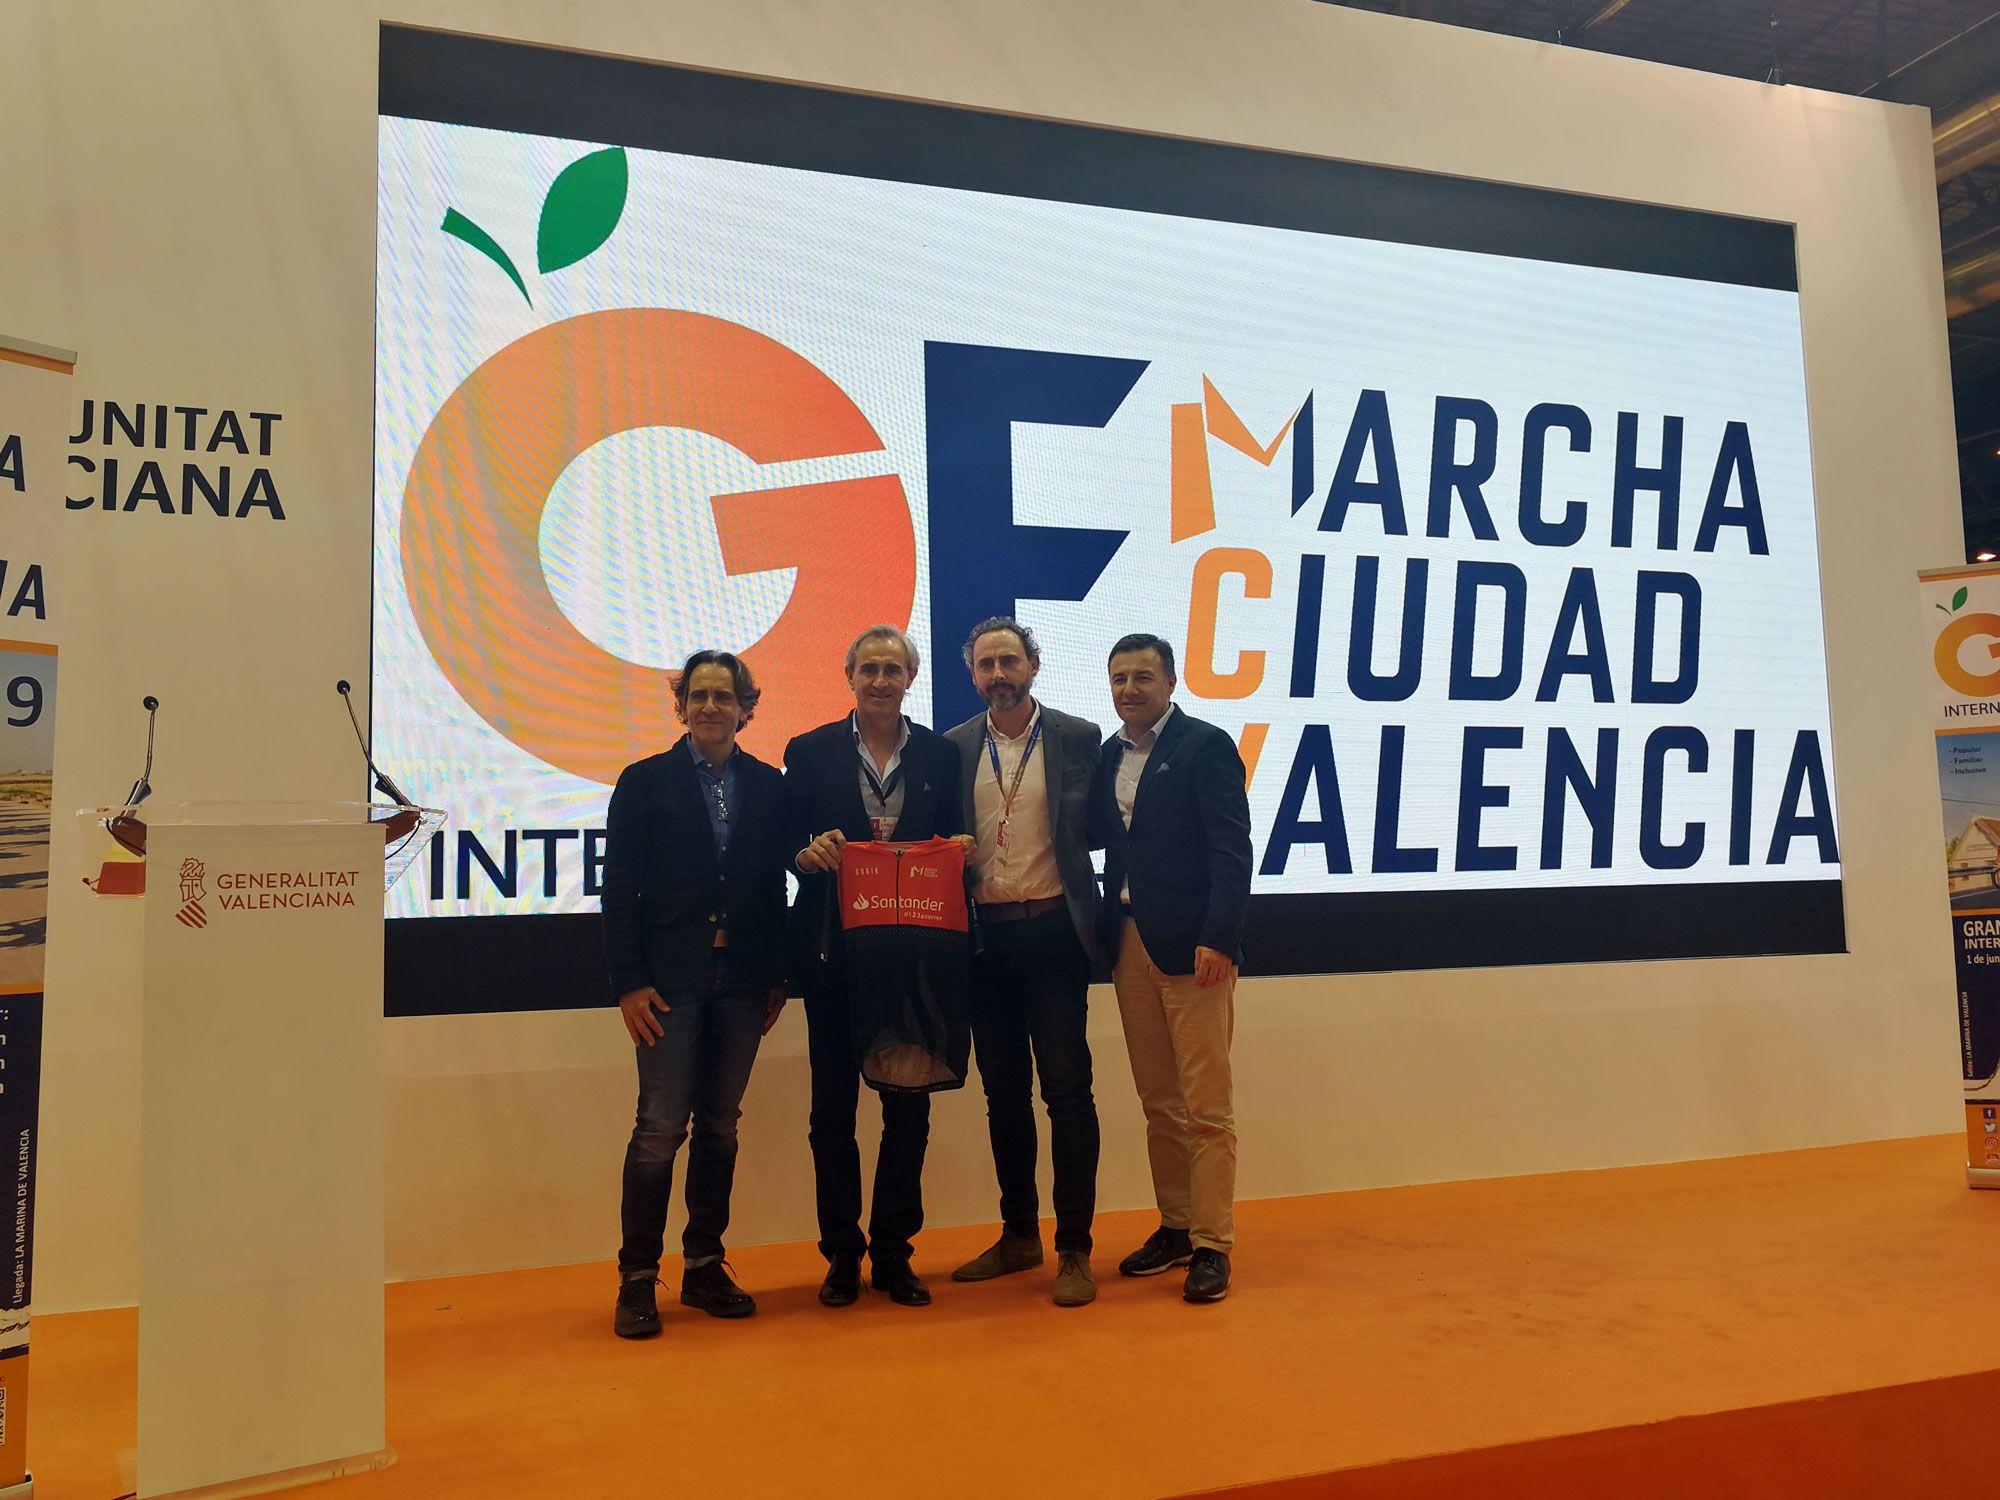 Un nuevo reto para los cicloturistas: Gran Fondo Internacional Marcha Ciudad de Valencia